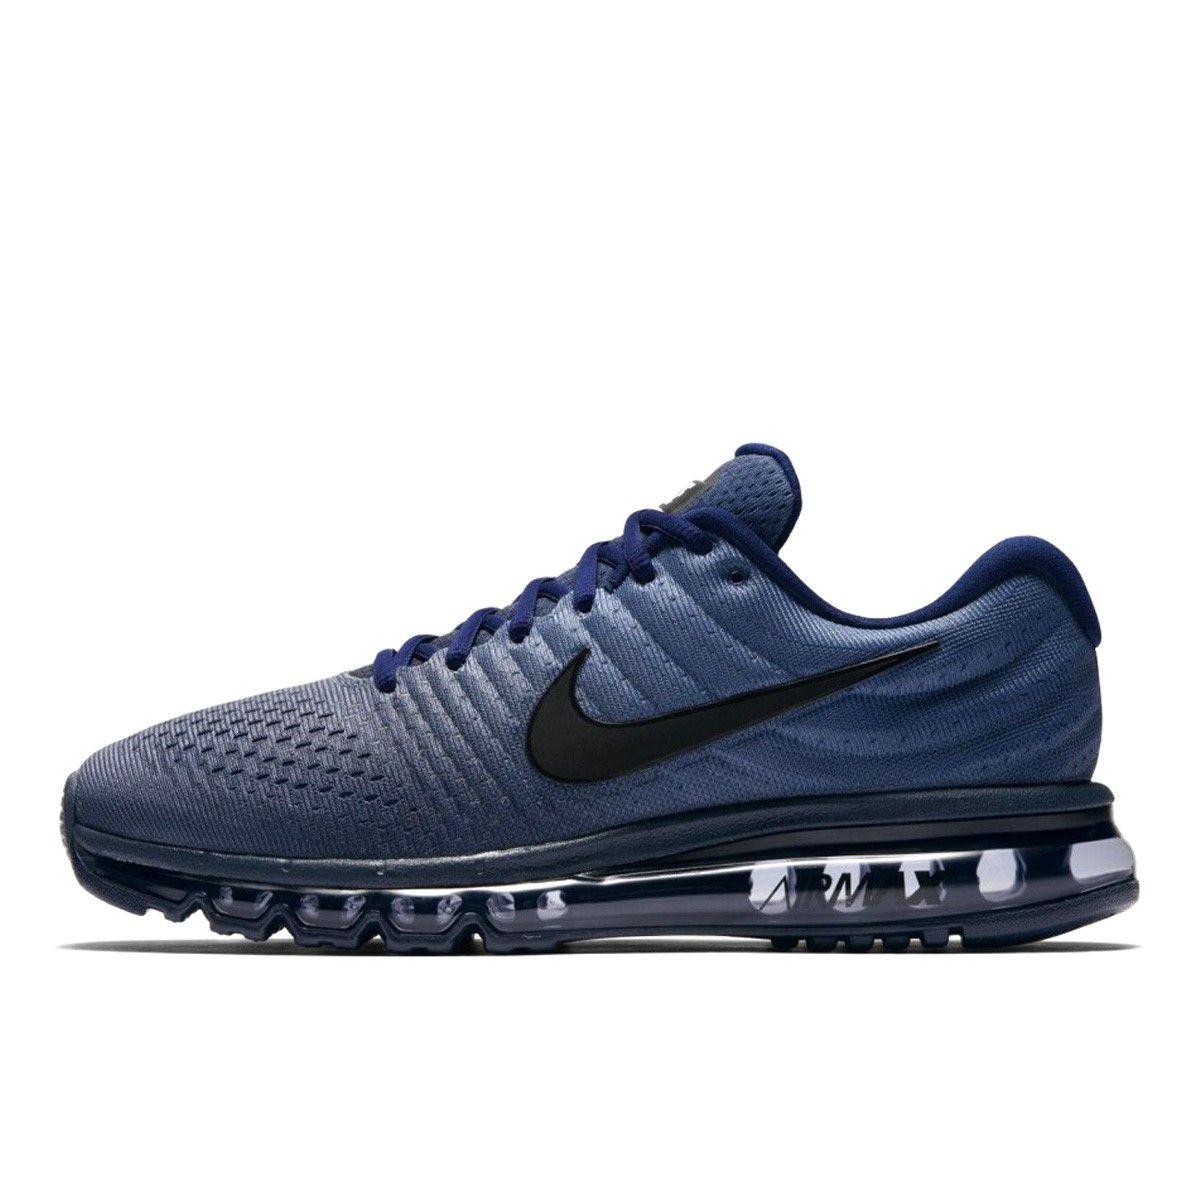 Nike Air Max 2017 Erkek Günlük Spor Ayakkabısı 849559405